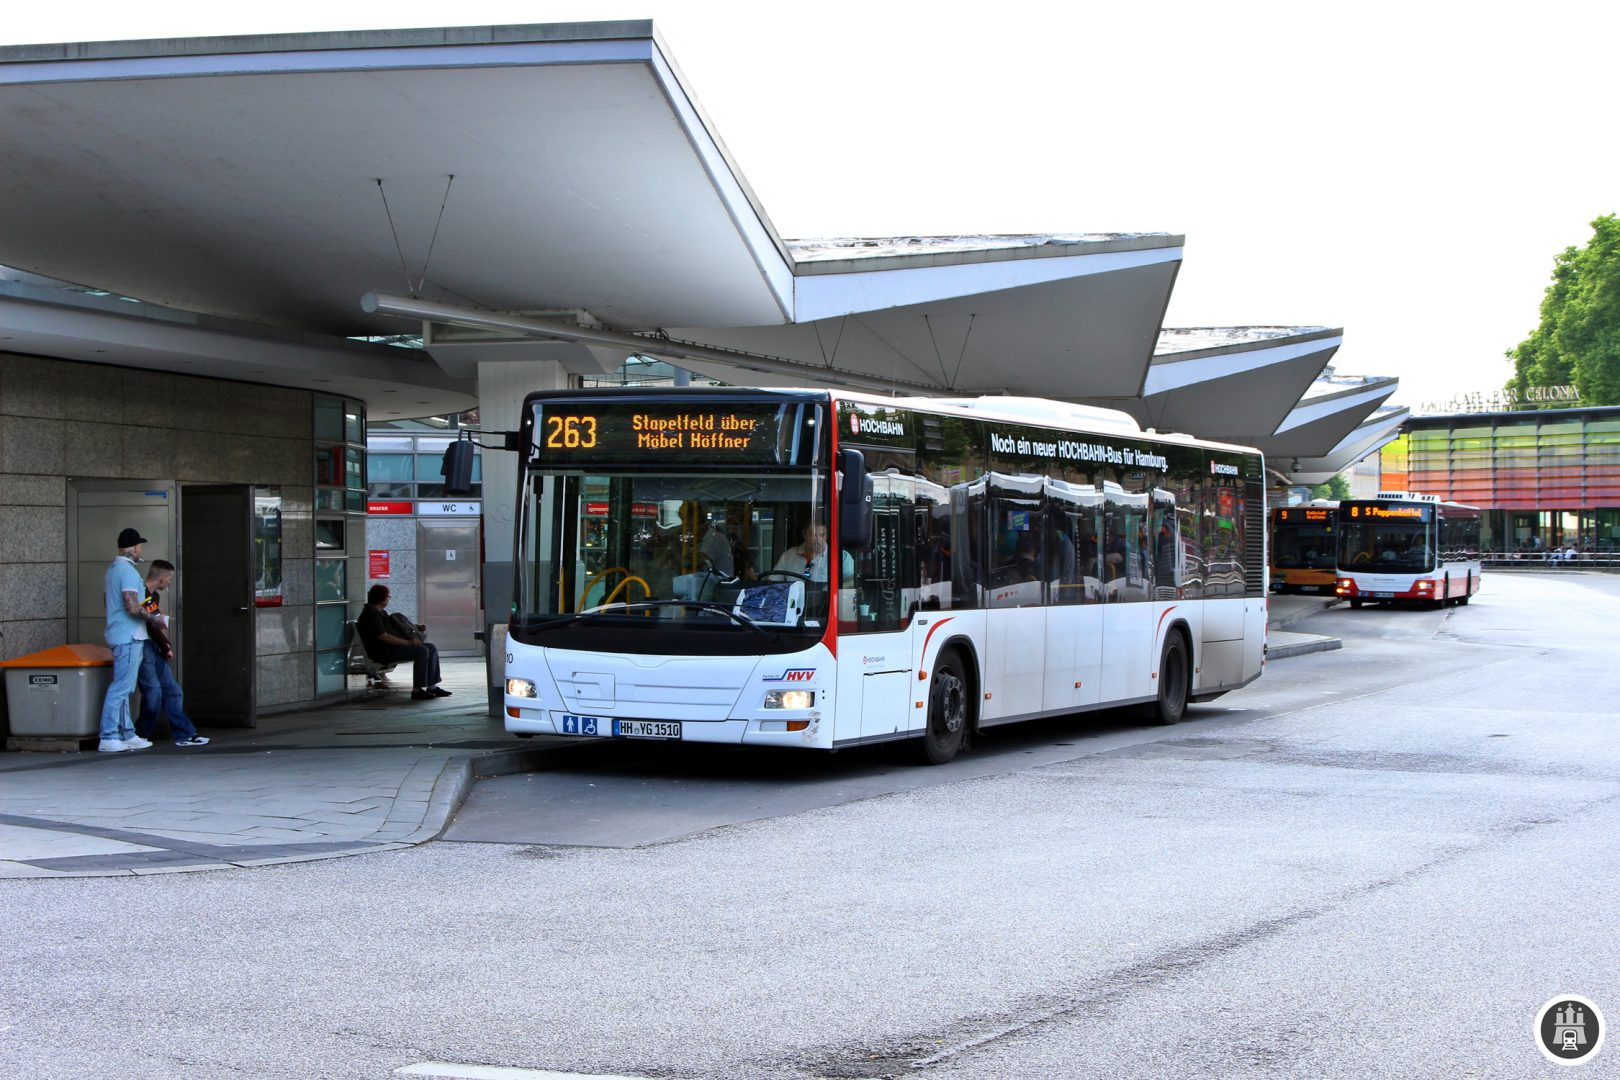 15 jahre metrobus keine verbindung nach schleswig holstein nahverkehr aktuell hamburg. Black Bedroom Furniture Sets. Home Design Ideas